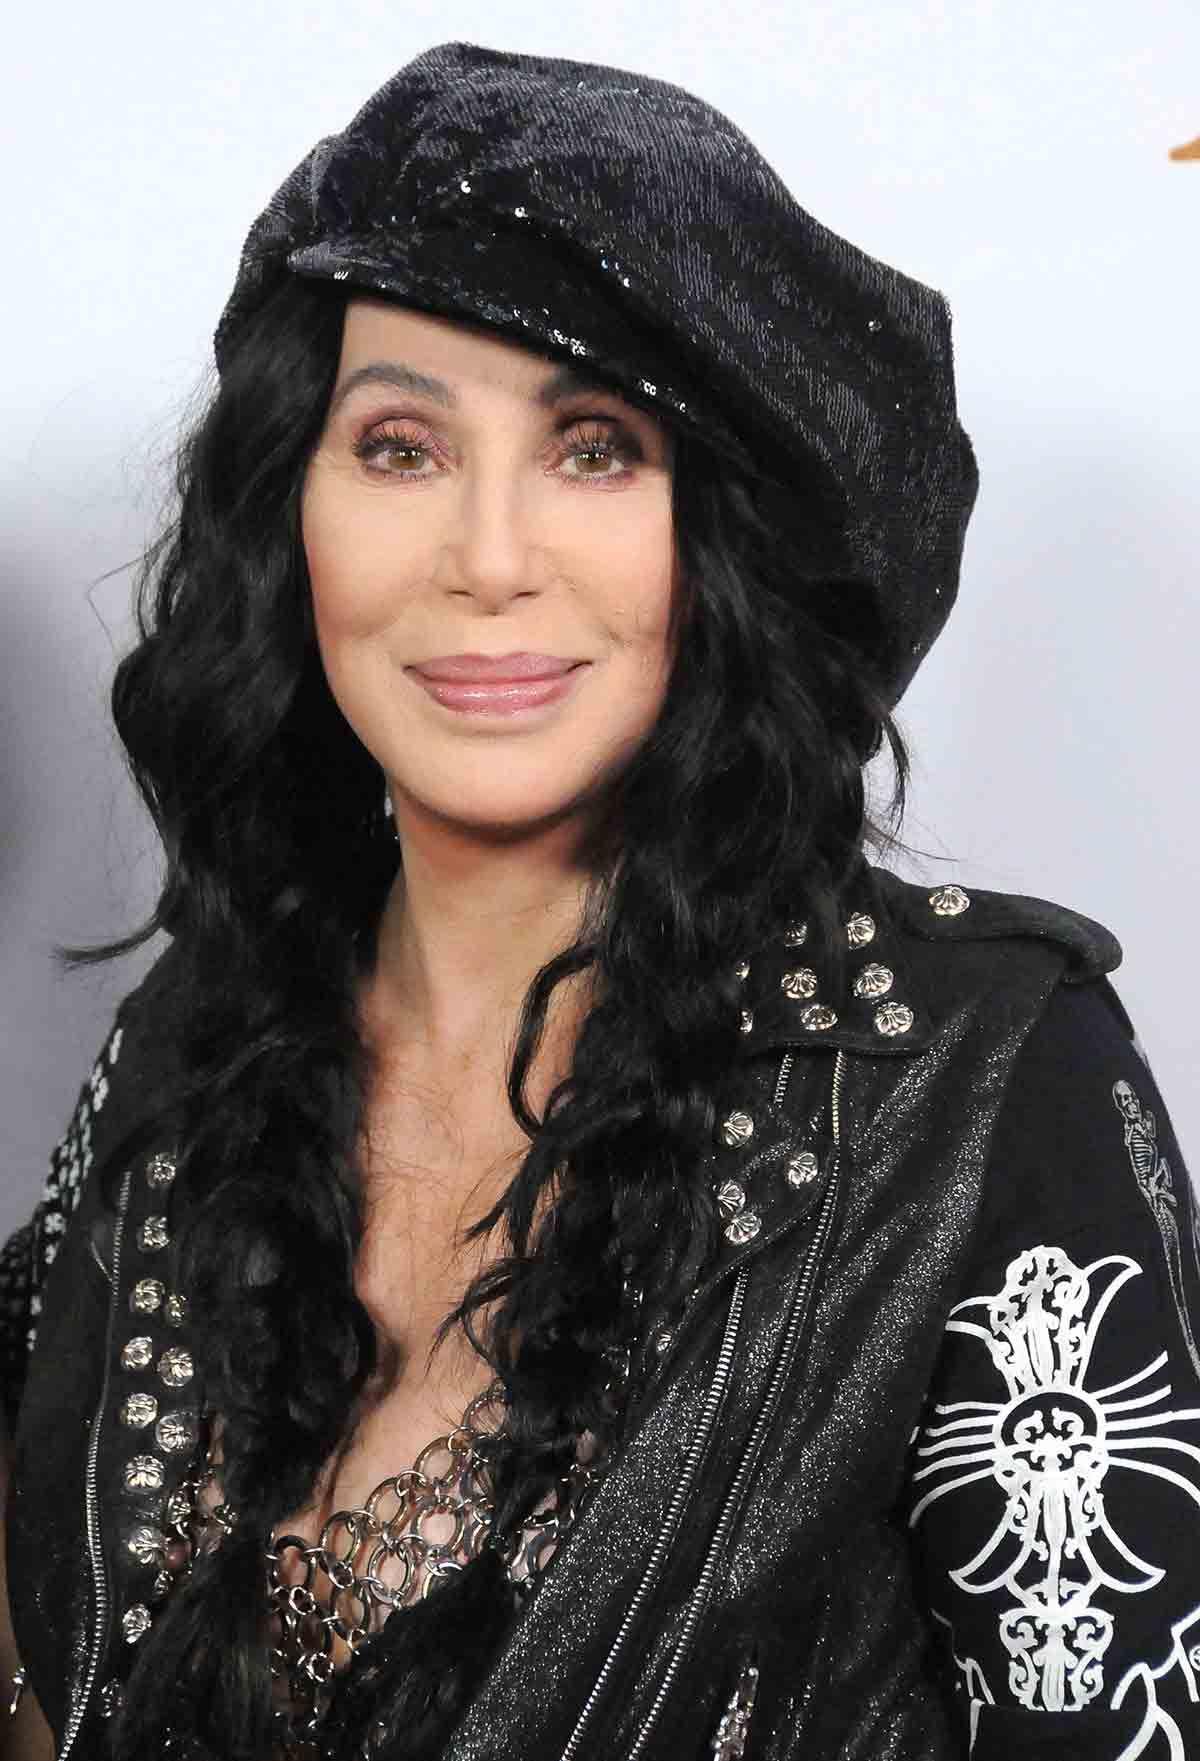 Fotos De Cher la vida de cher en 10 pistas - 10 pistas que te ayudarán a